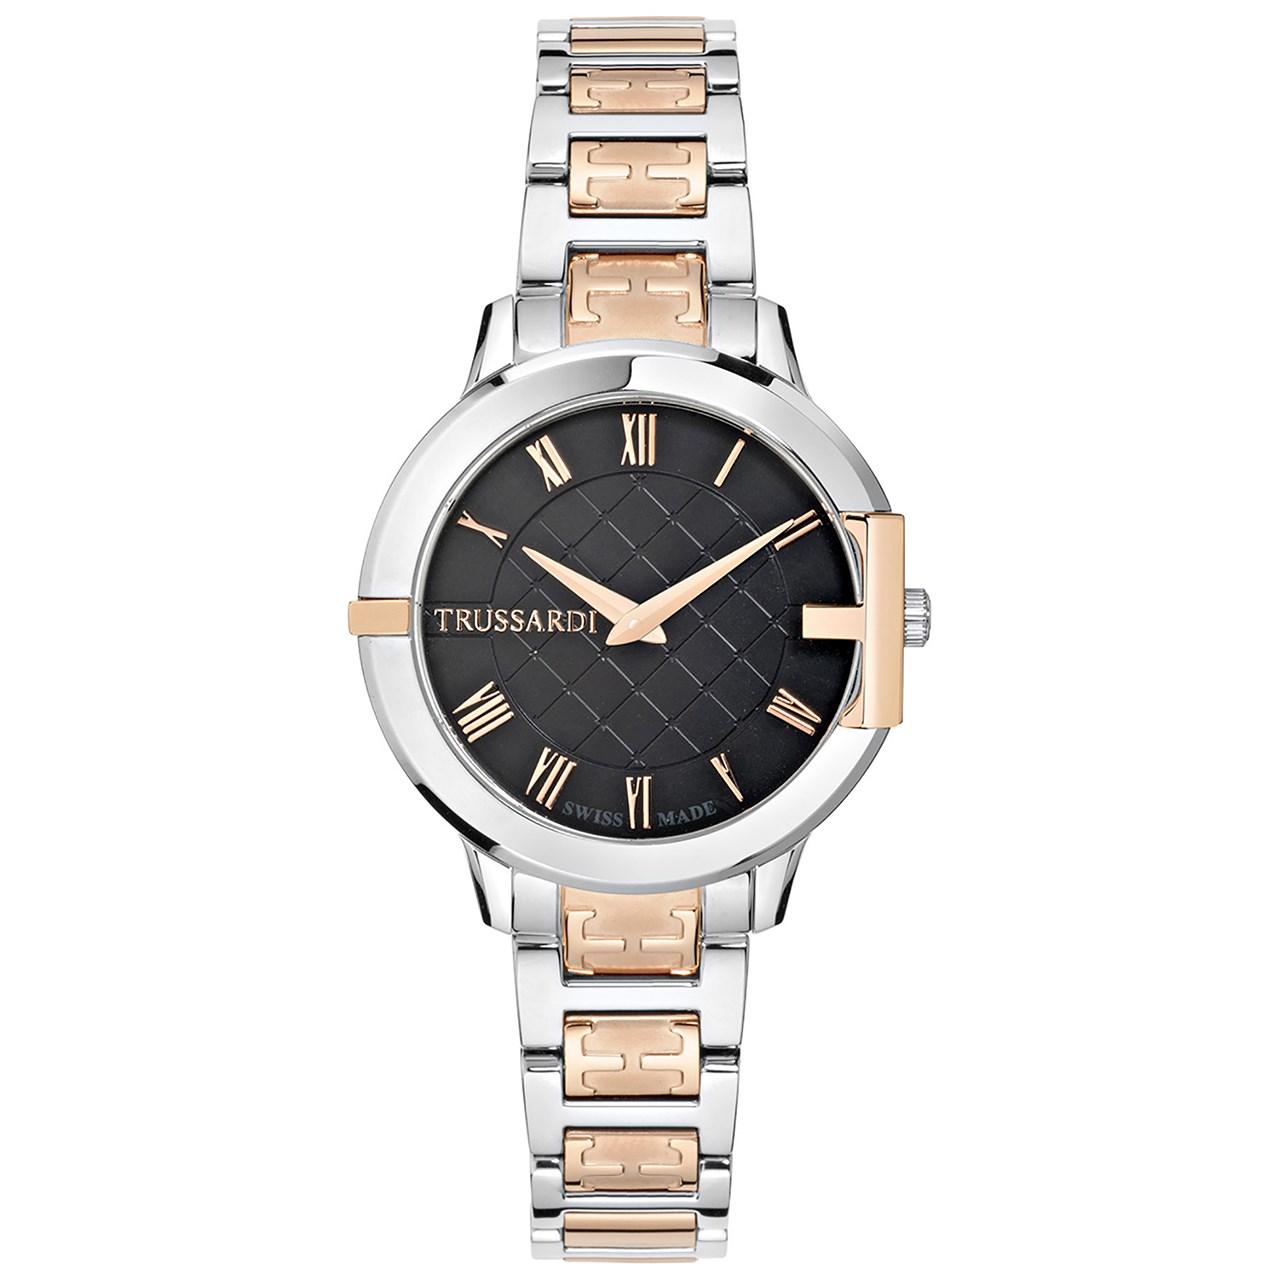 ساعت مچی عقربه ای زنانه تروساردی مدل TR-R2453114506